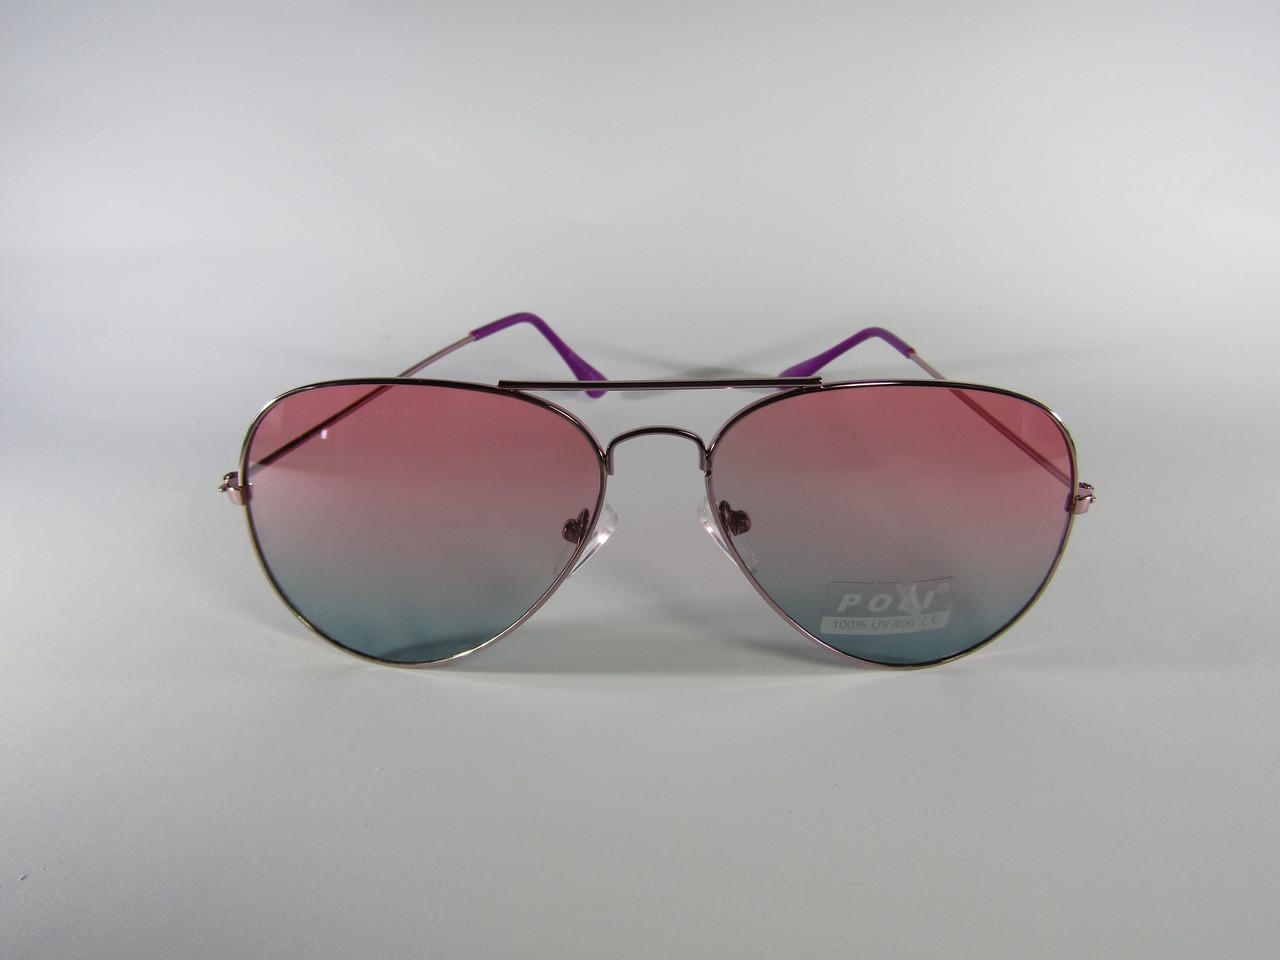 Очки женские Poli P3025 C10